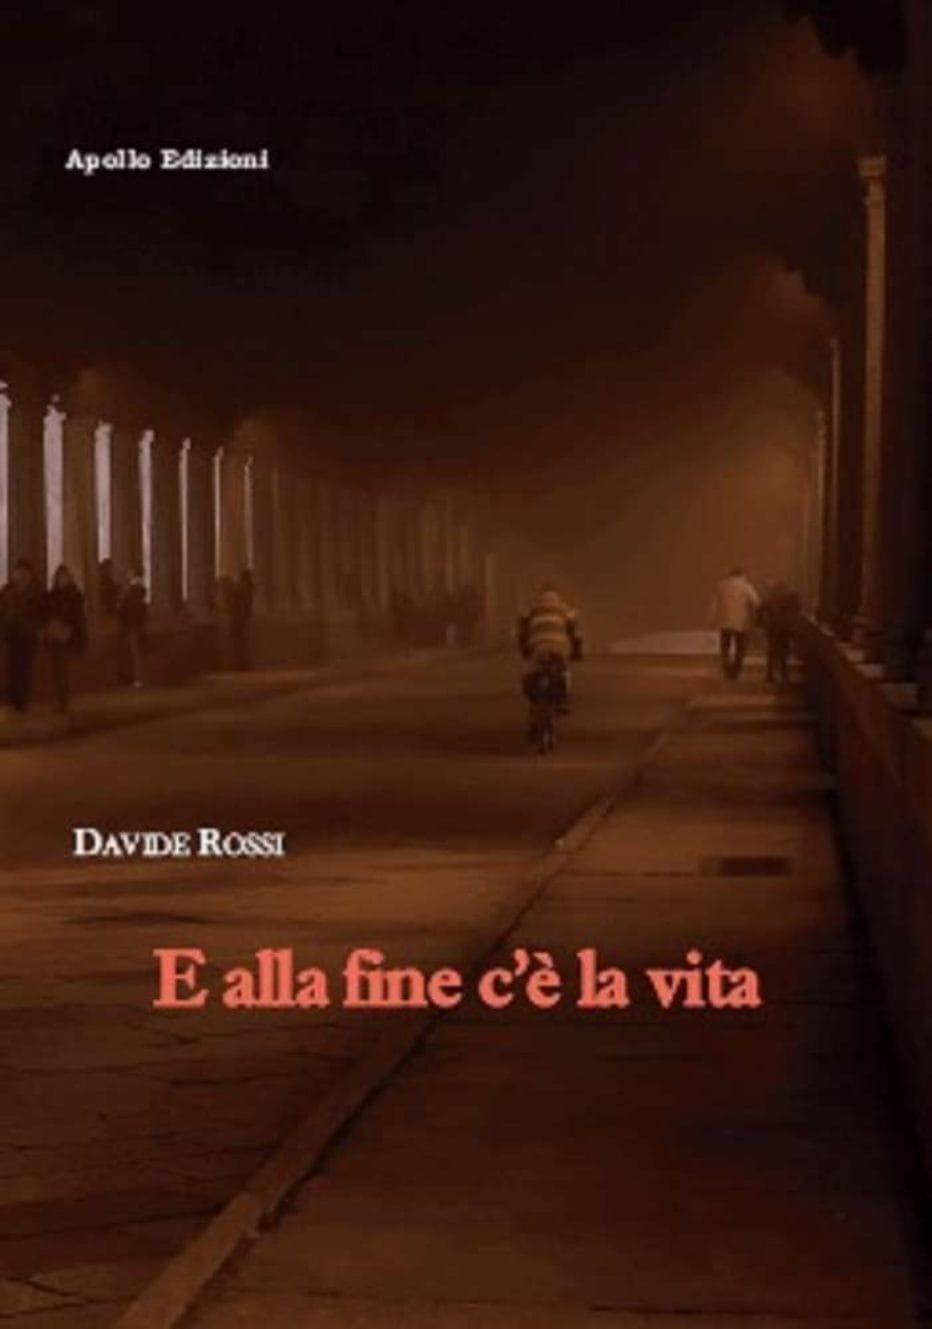 E alla fine c'è la vita, esordio di Davide Rossi